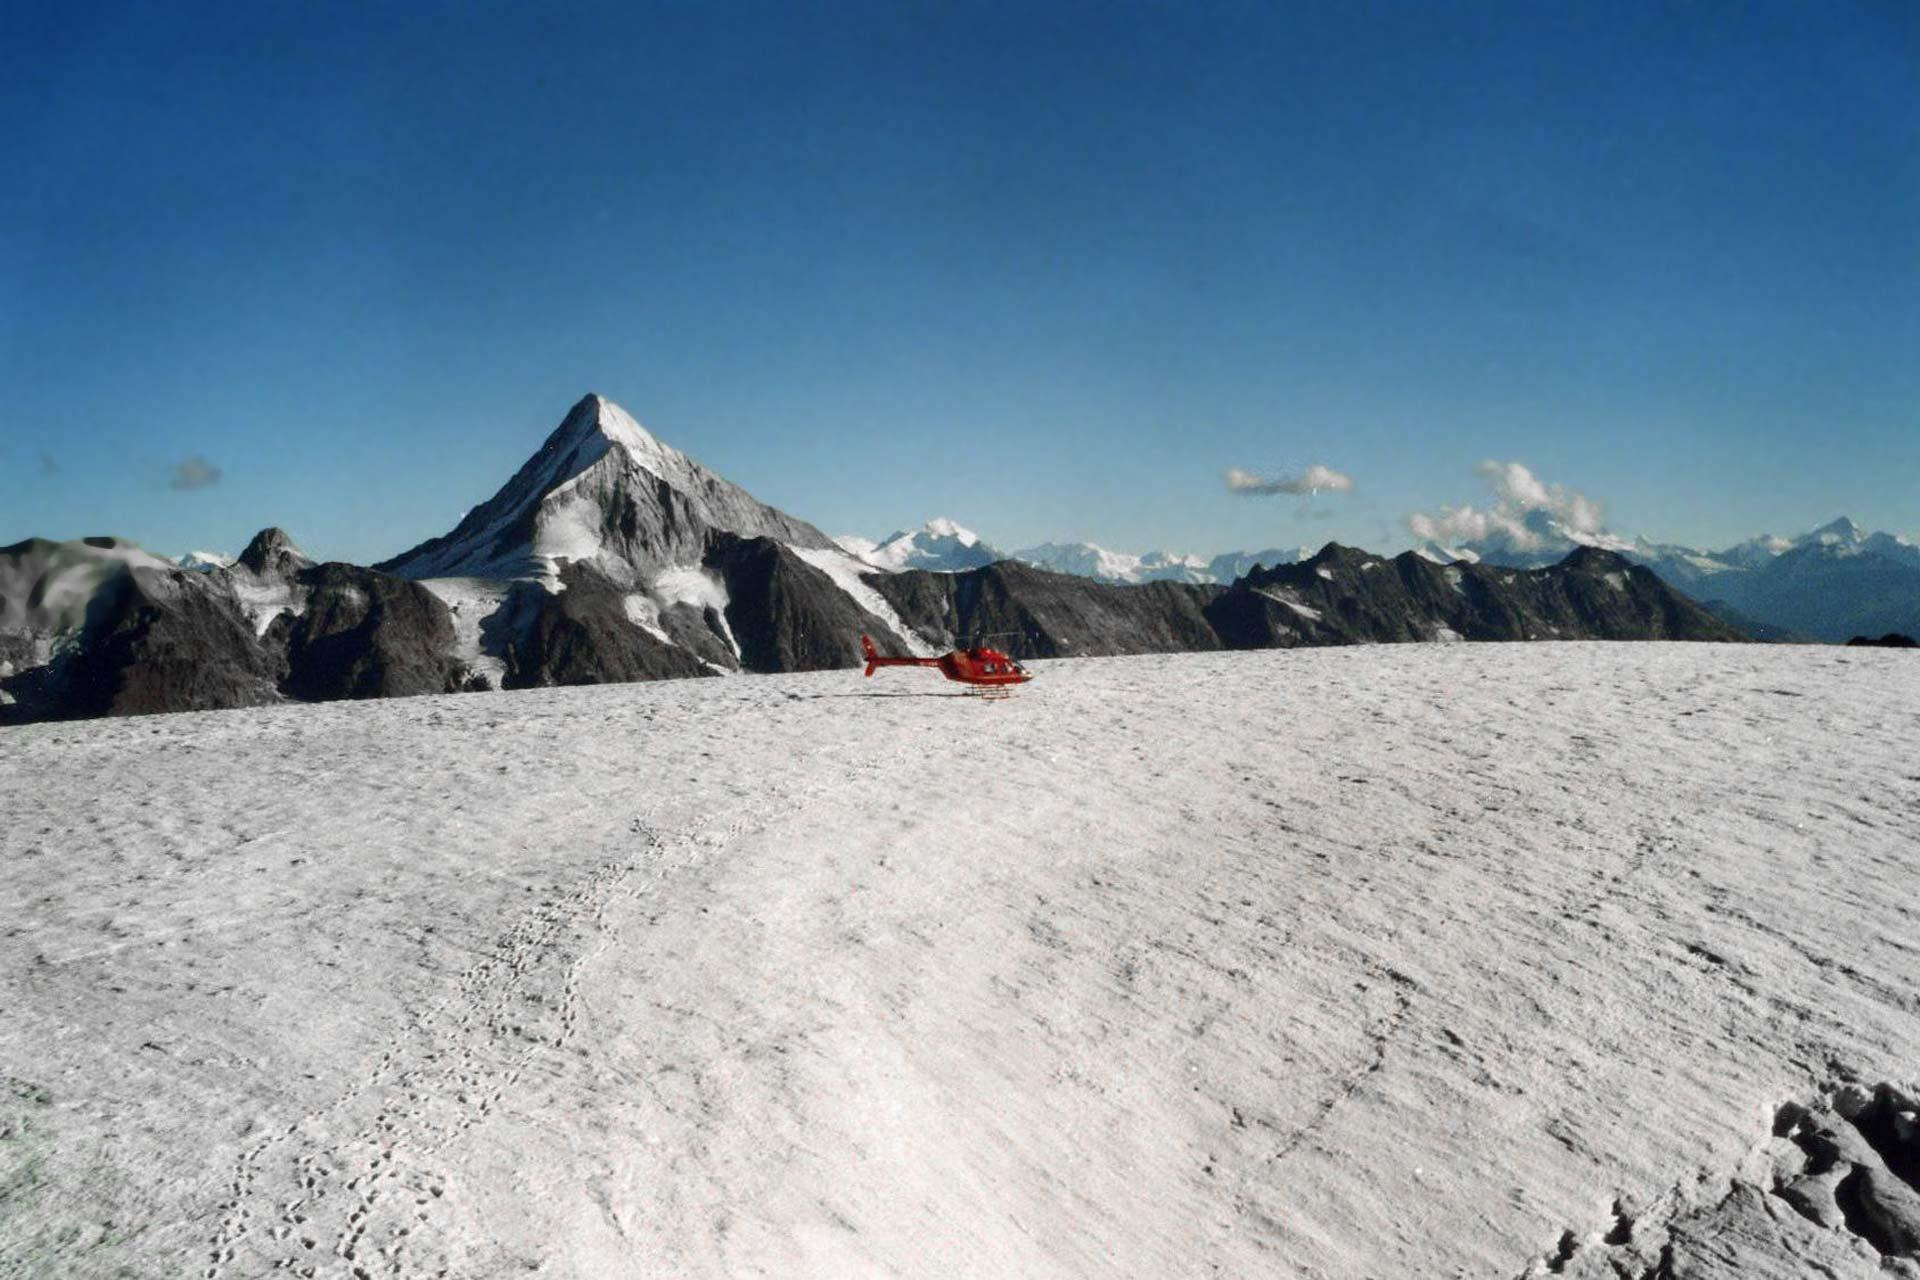 Helikopter am Petersgrat, schweizer Alpen